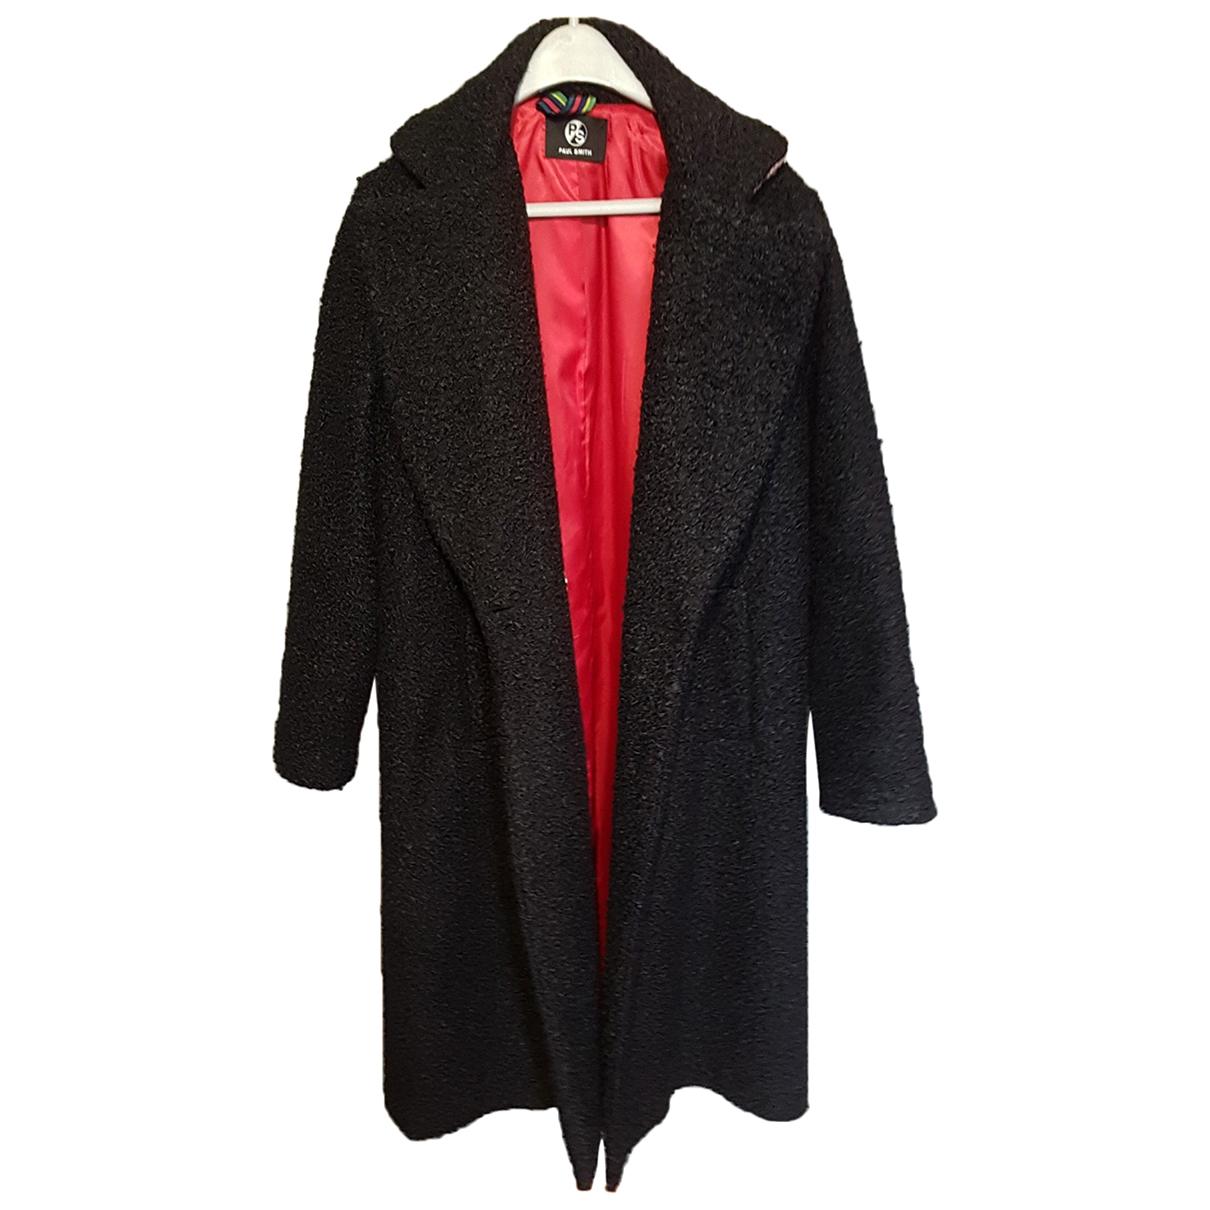 Paul Smith - Manteau   pour femme - noir